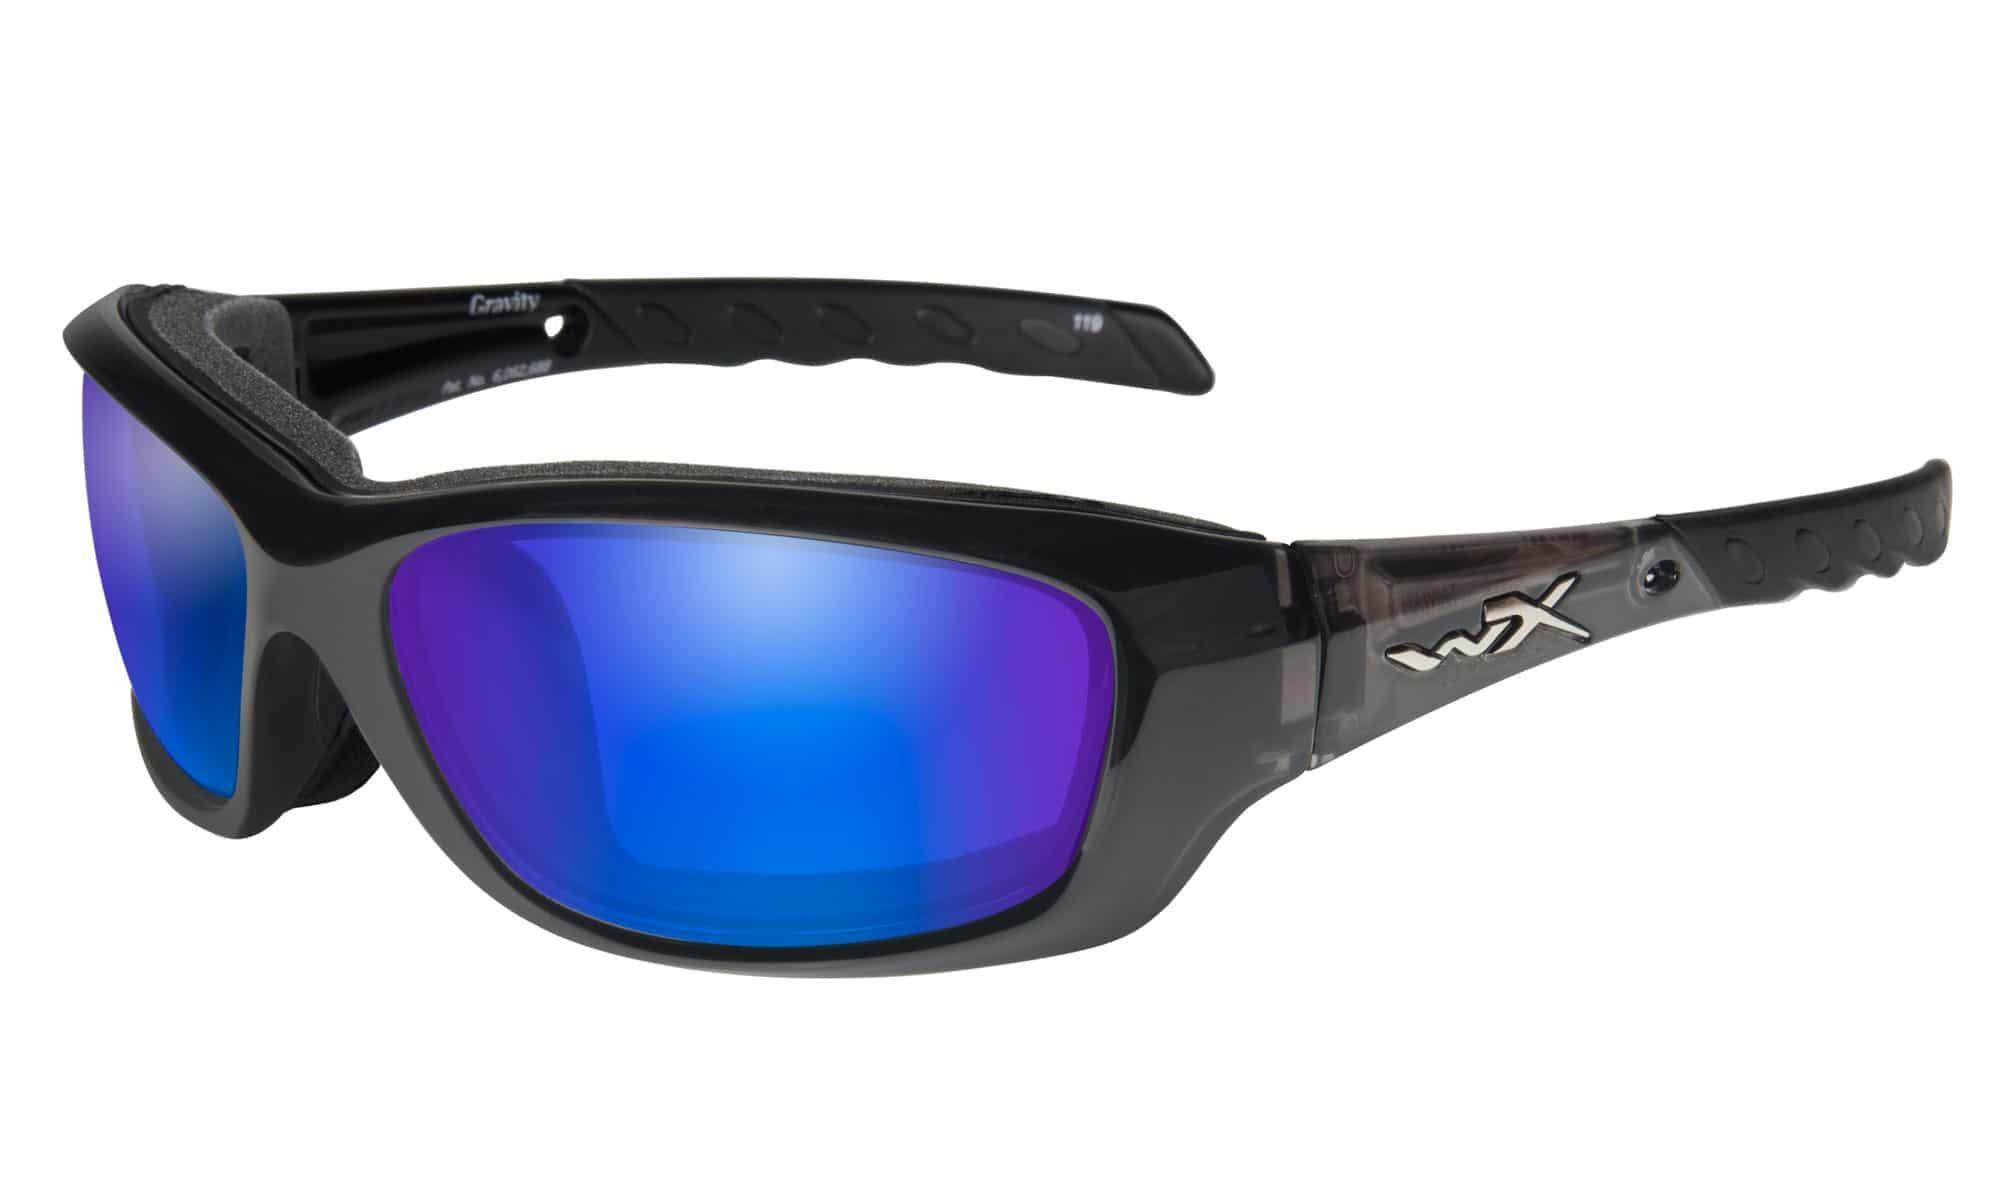 WX Gravity Sunglasses|Safety Glasses CCGRA04_MV_Ver1